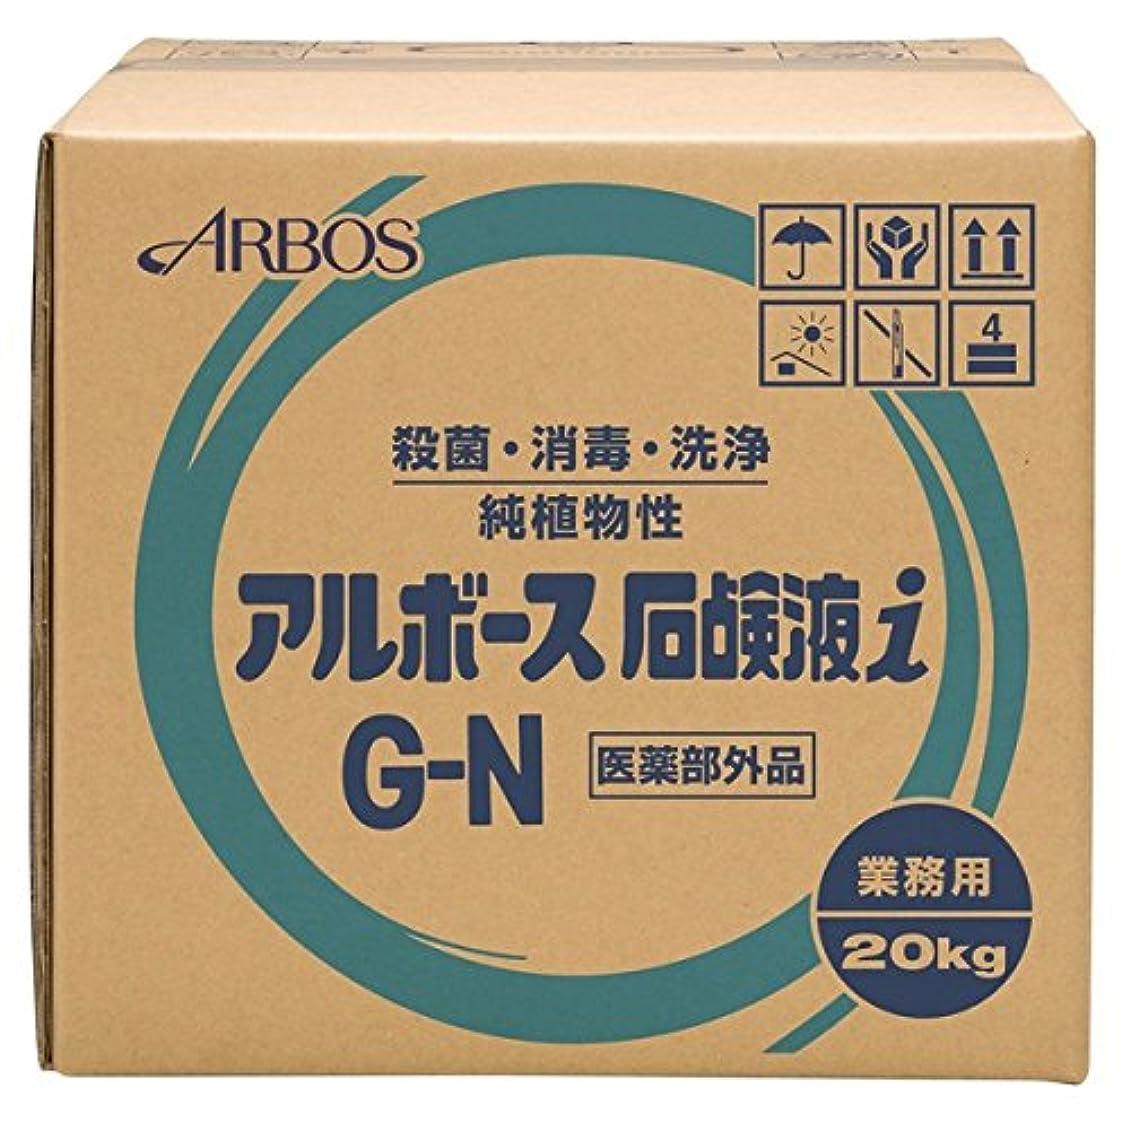 海上ミッション悲しいことにアルボース 薬用ハンドソープ アルボース石鹸液i G-N 濃縮タイプ 20kg